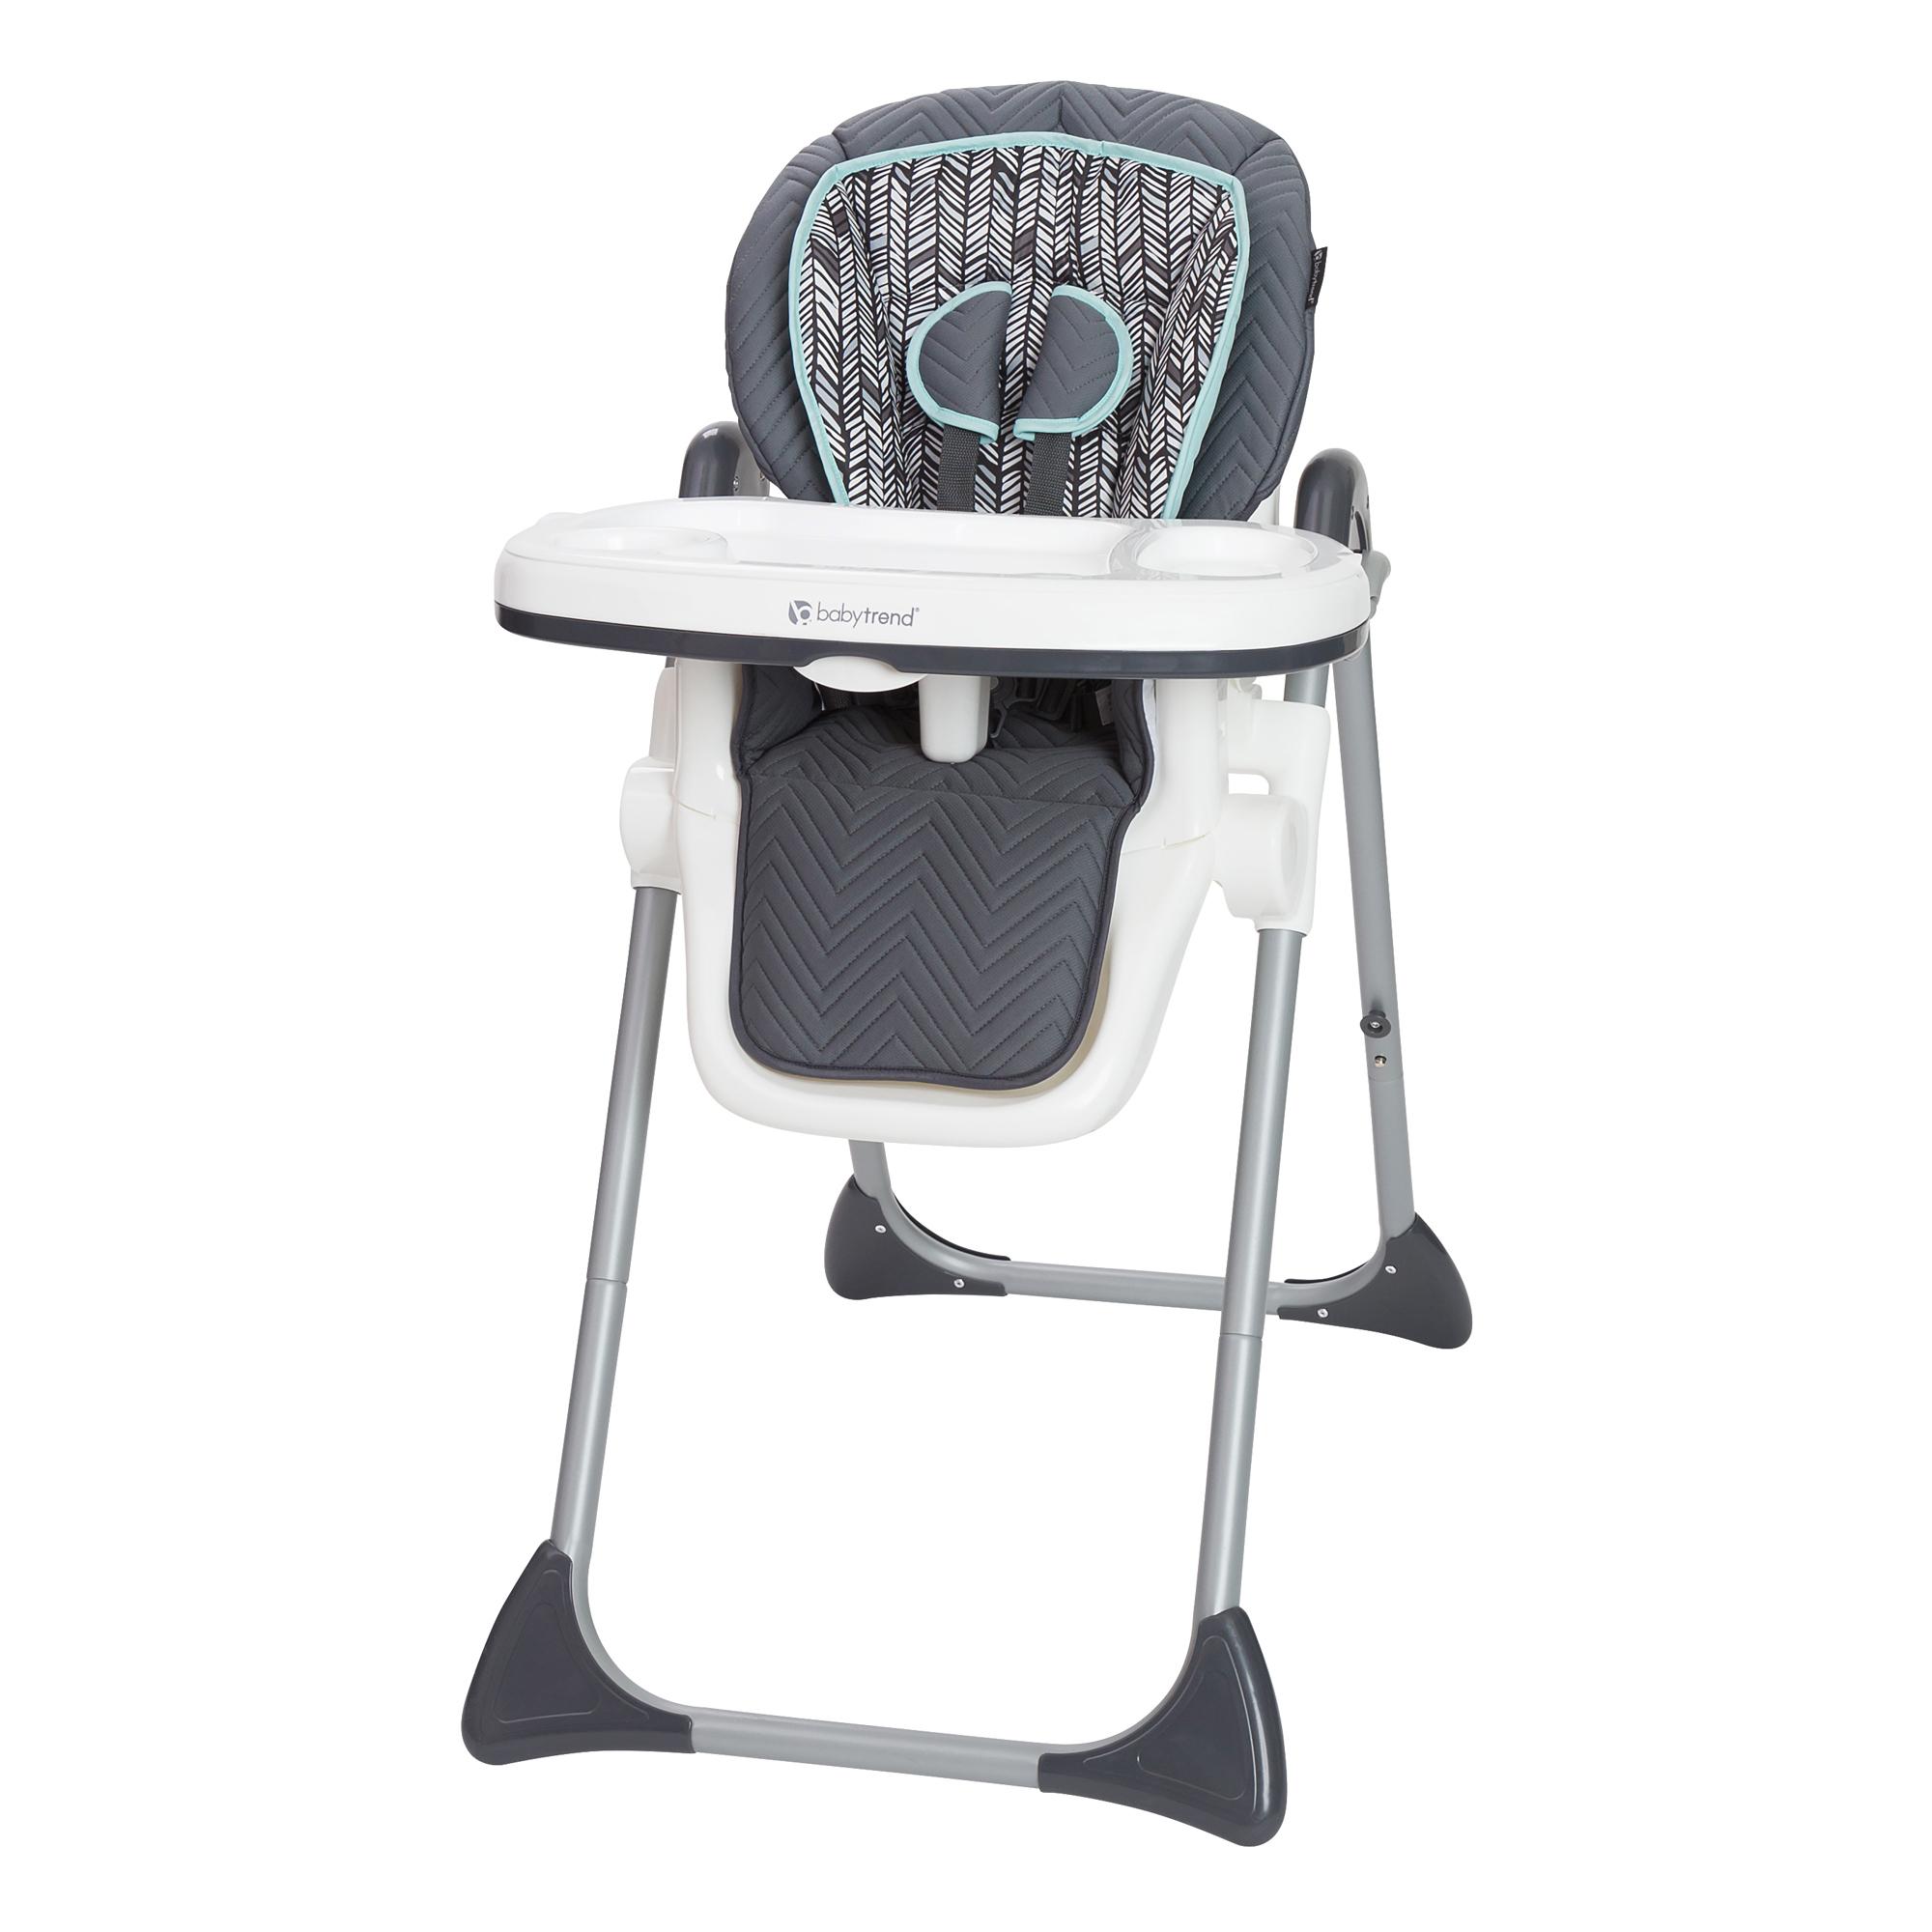 Baby Trend Tot Spot 3-in-1 High Chair - Ziggy